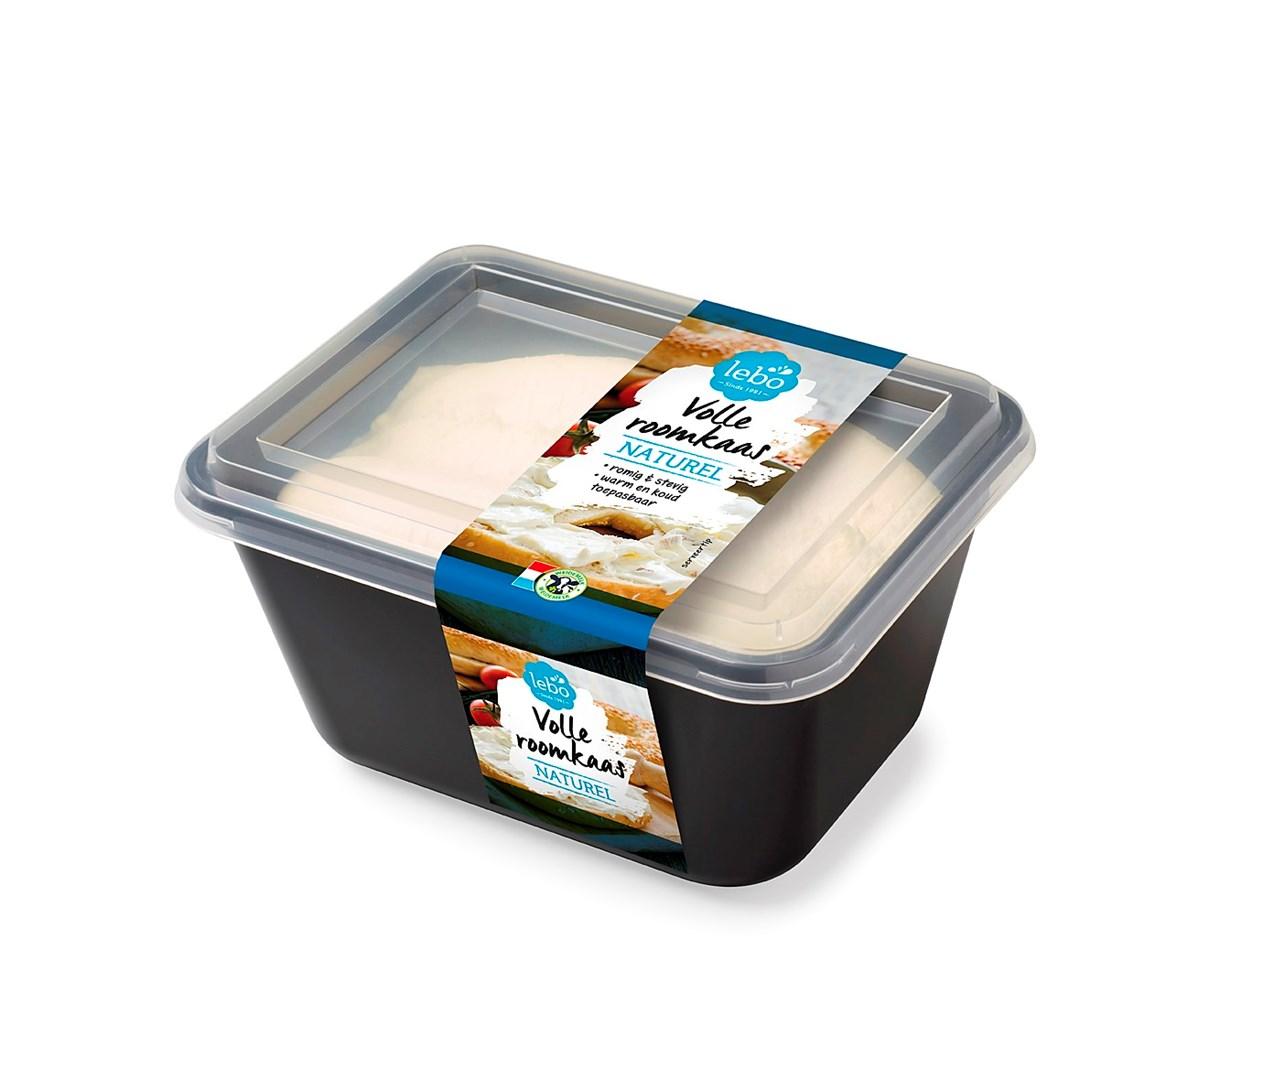 Productafbeelding LEBO Volle roomkaas Naturel romig & stevig 1kg